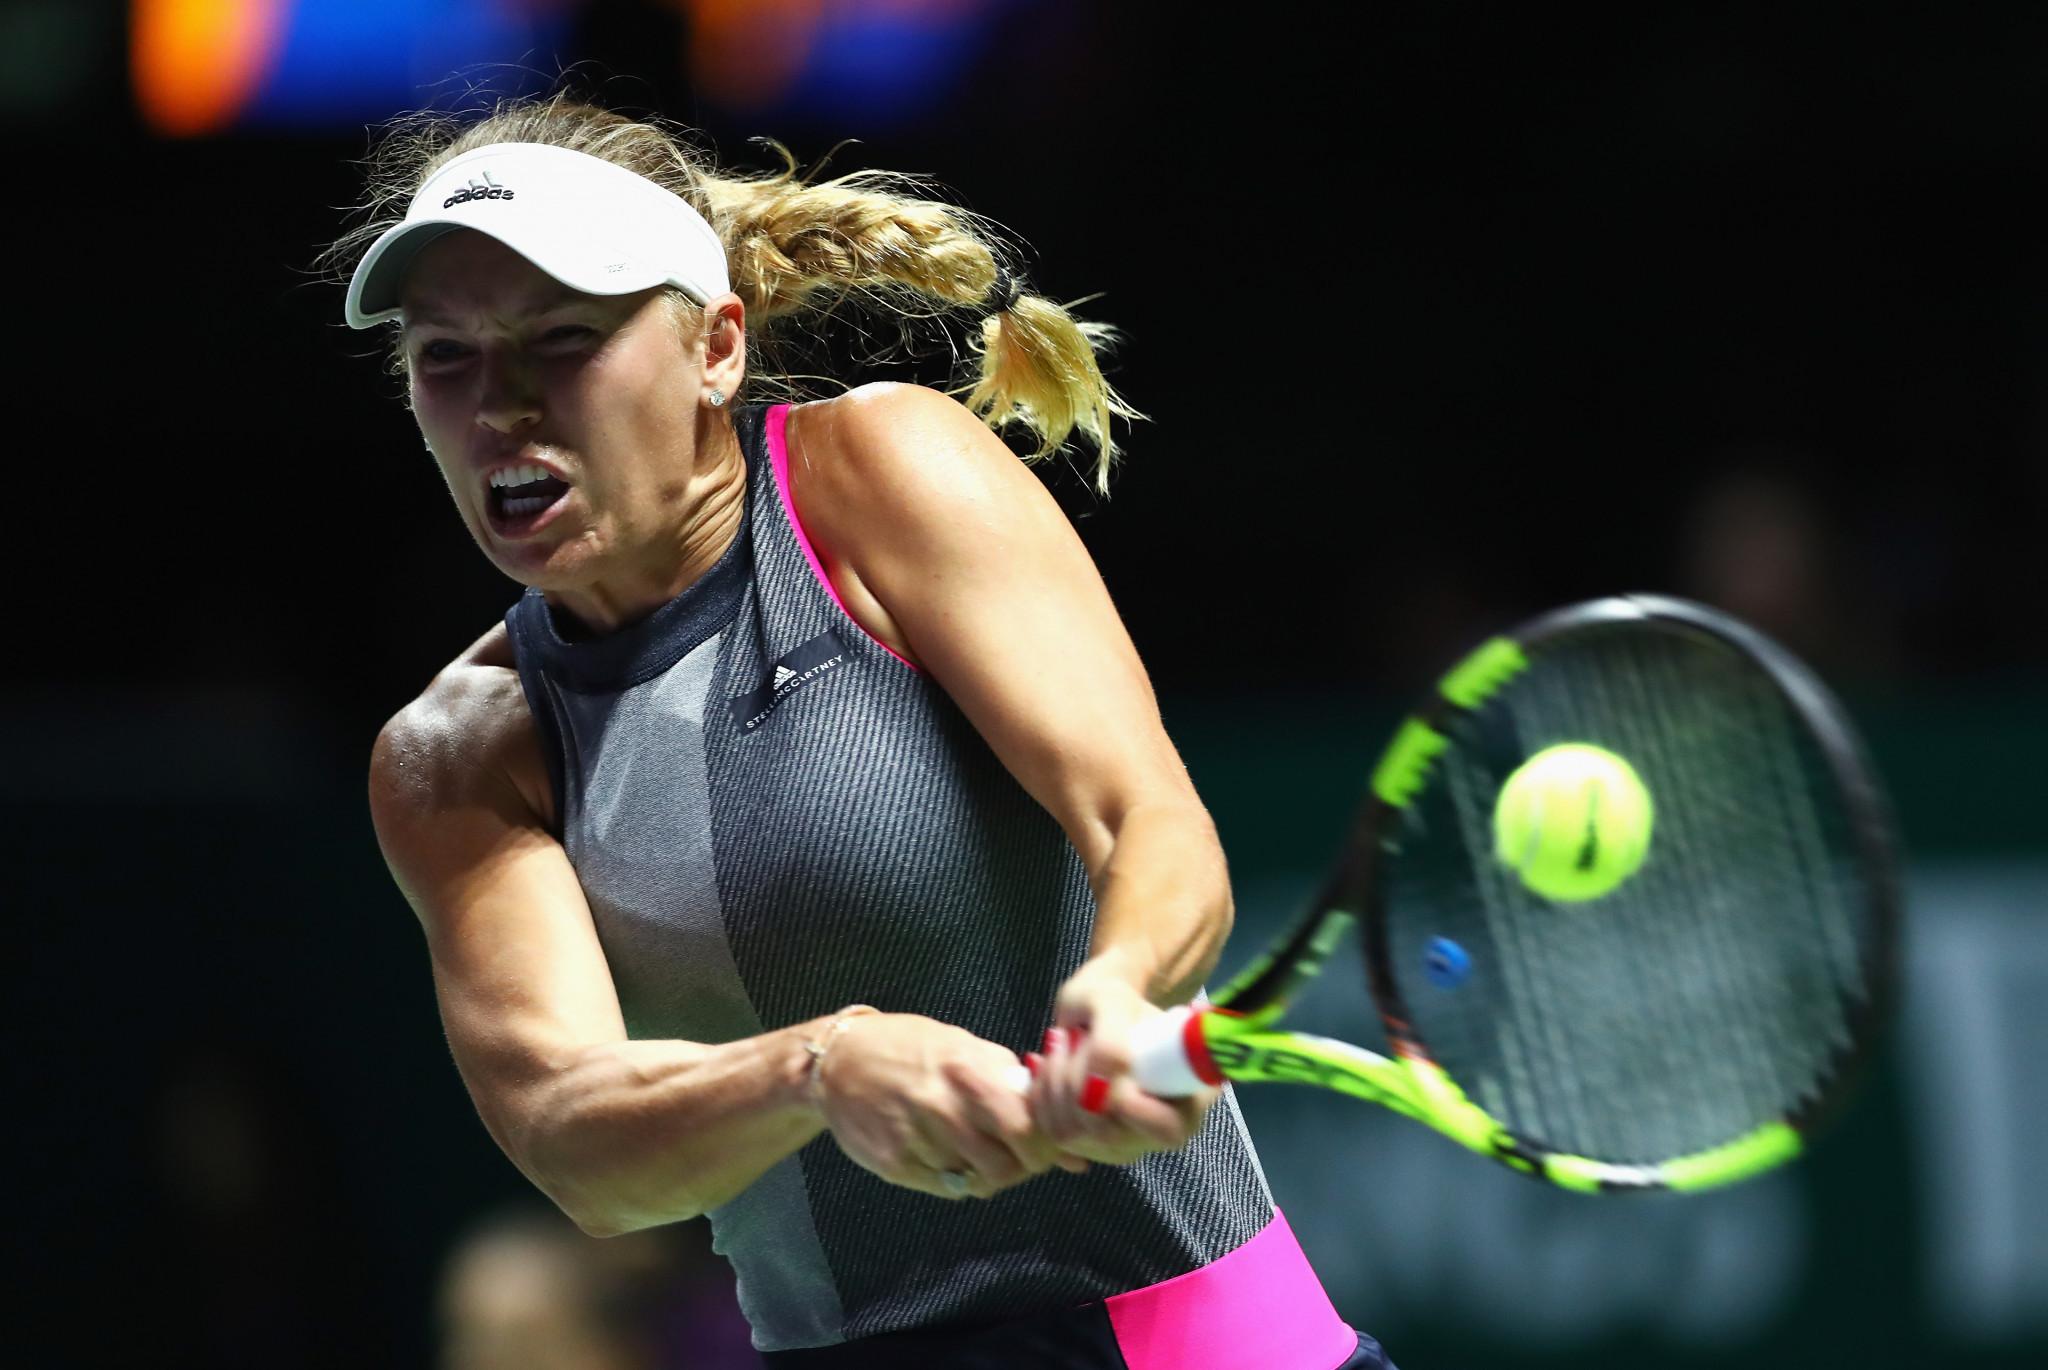 Caroline Wozniacki, pictured, brushed aside Elina Svitolina today ©Getty Images